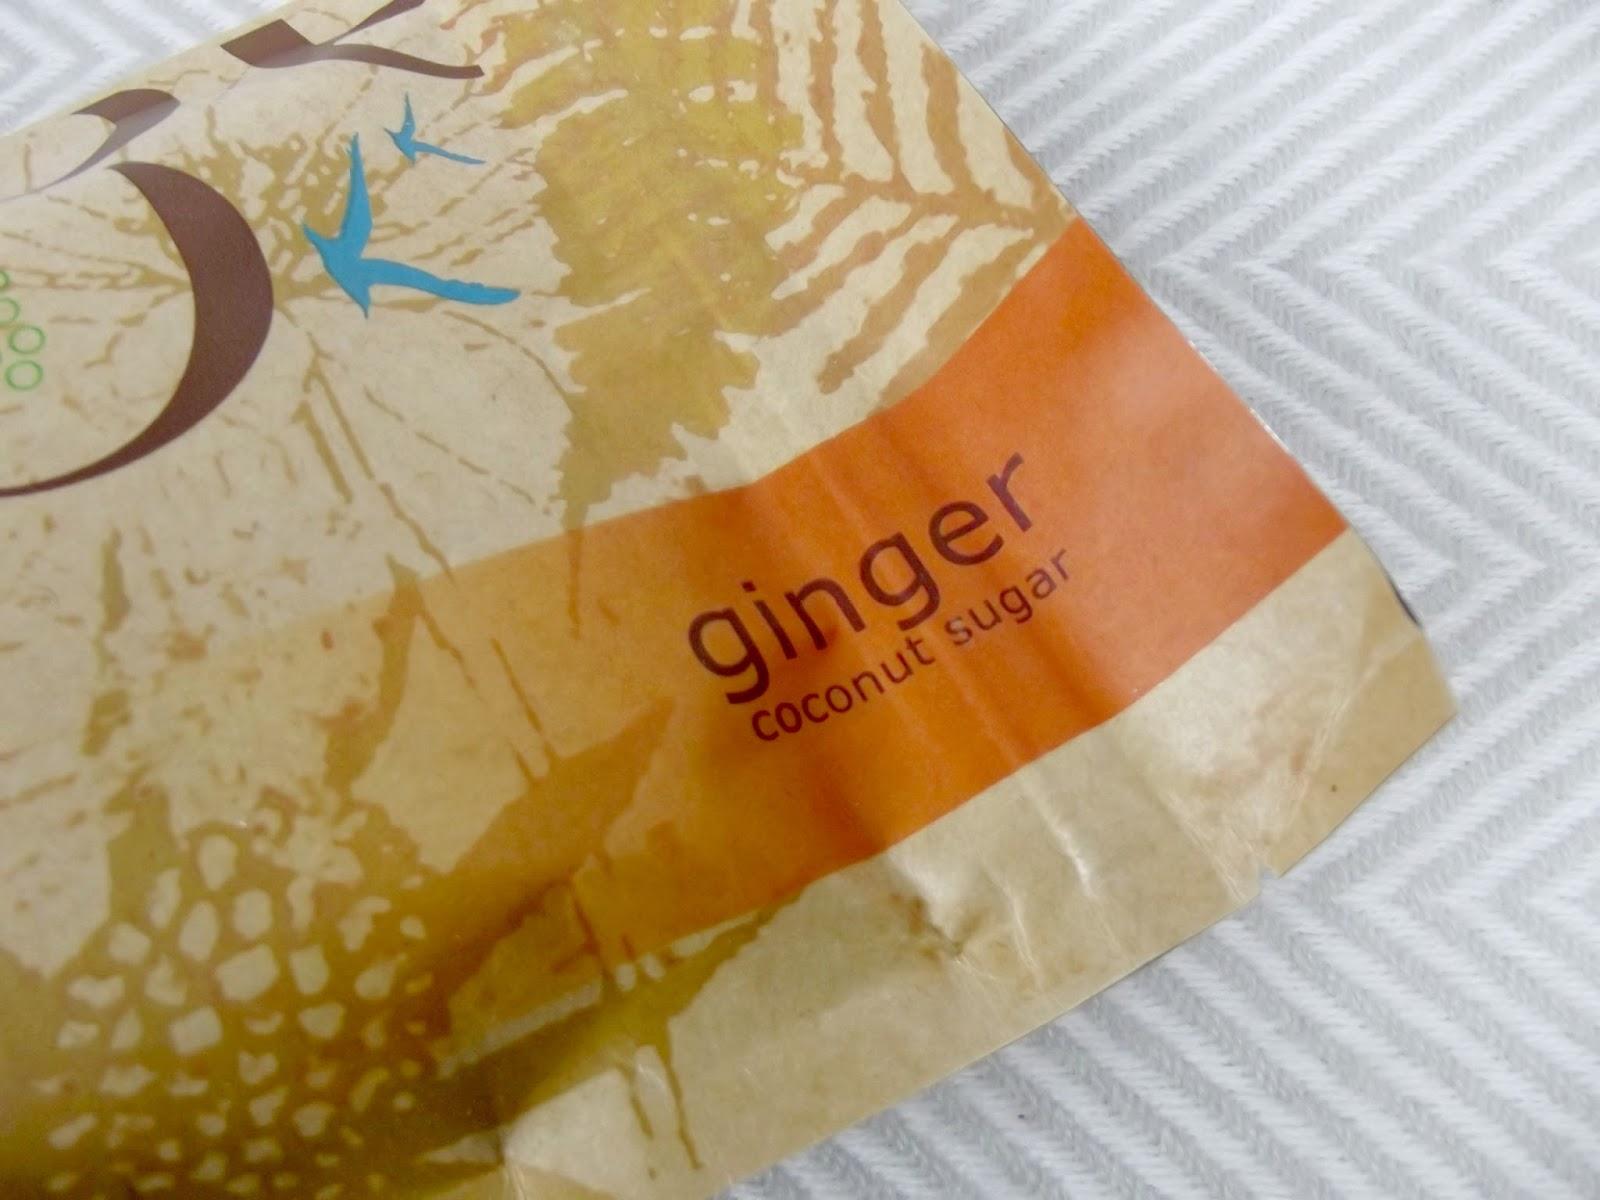 Coconom Ginger Coconut Sugar